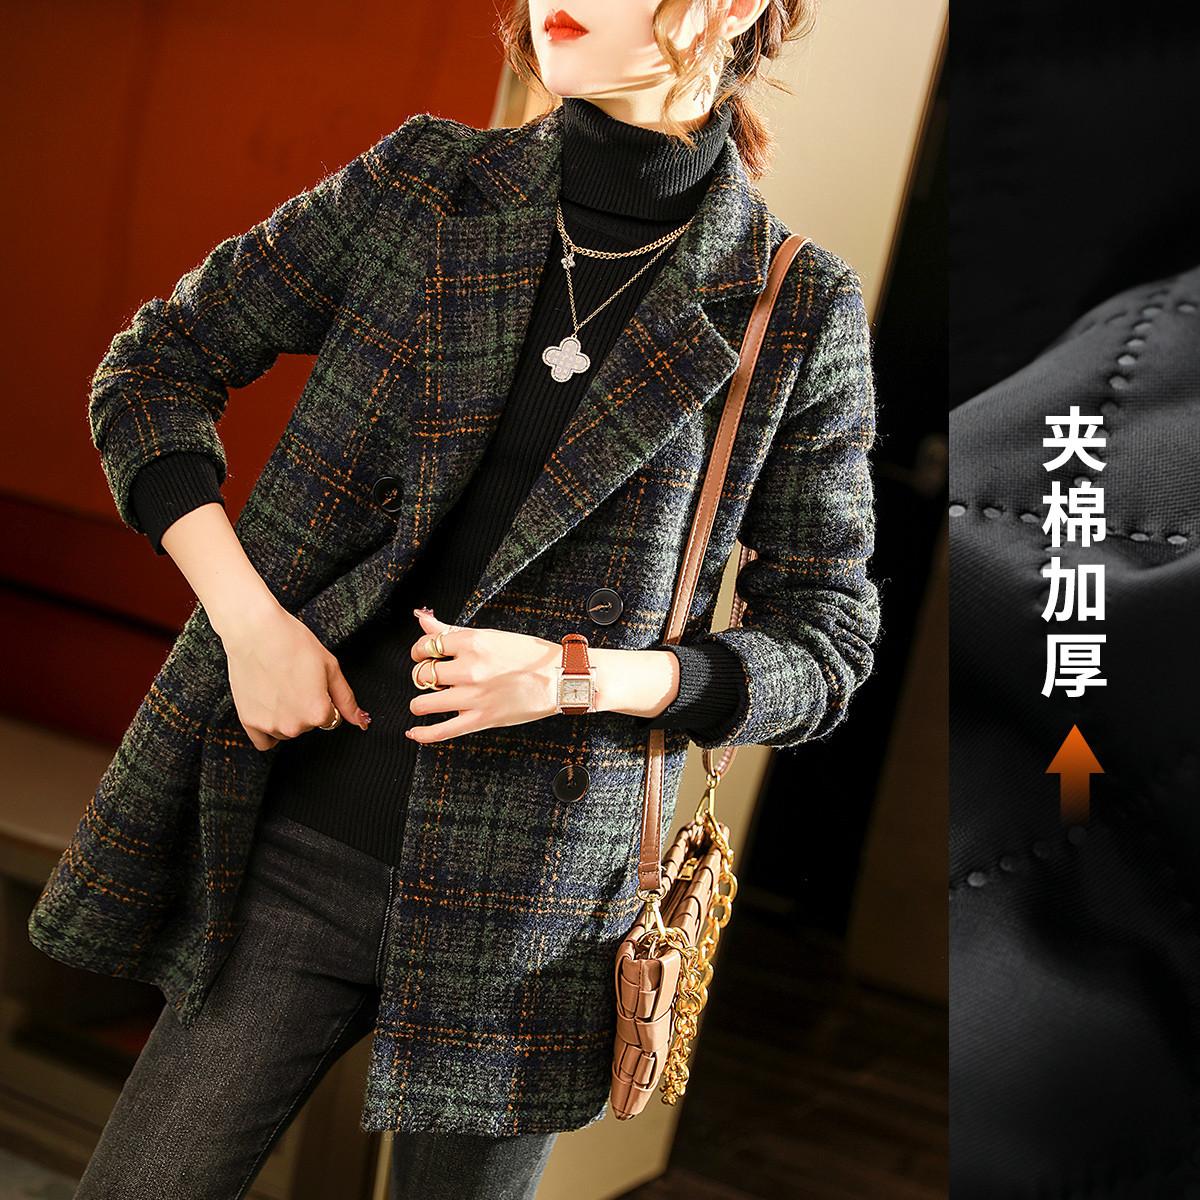 【加棉加厚毛呢大衣】轻奢气质格纹显瘦外套春装加厚中长款呢大衣